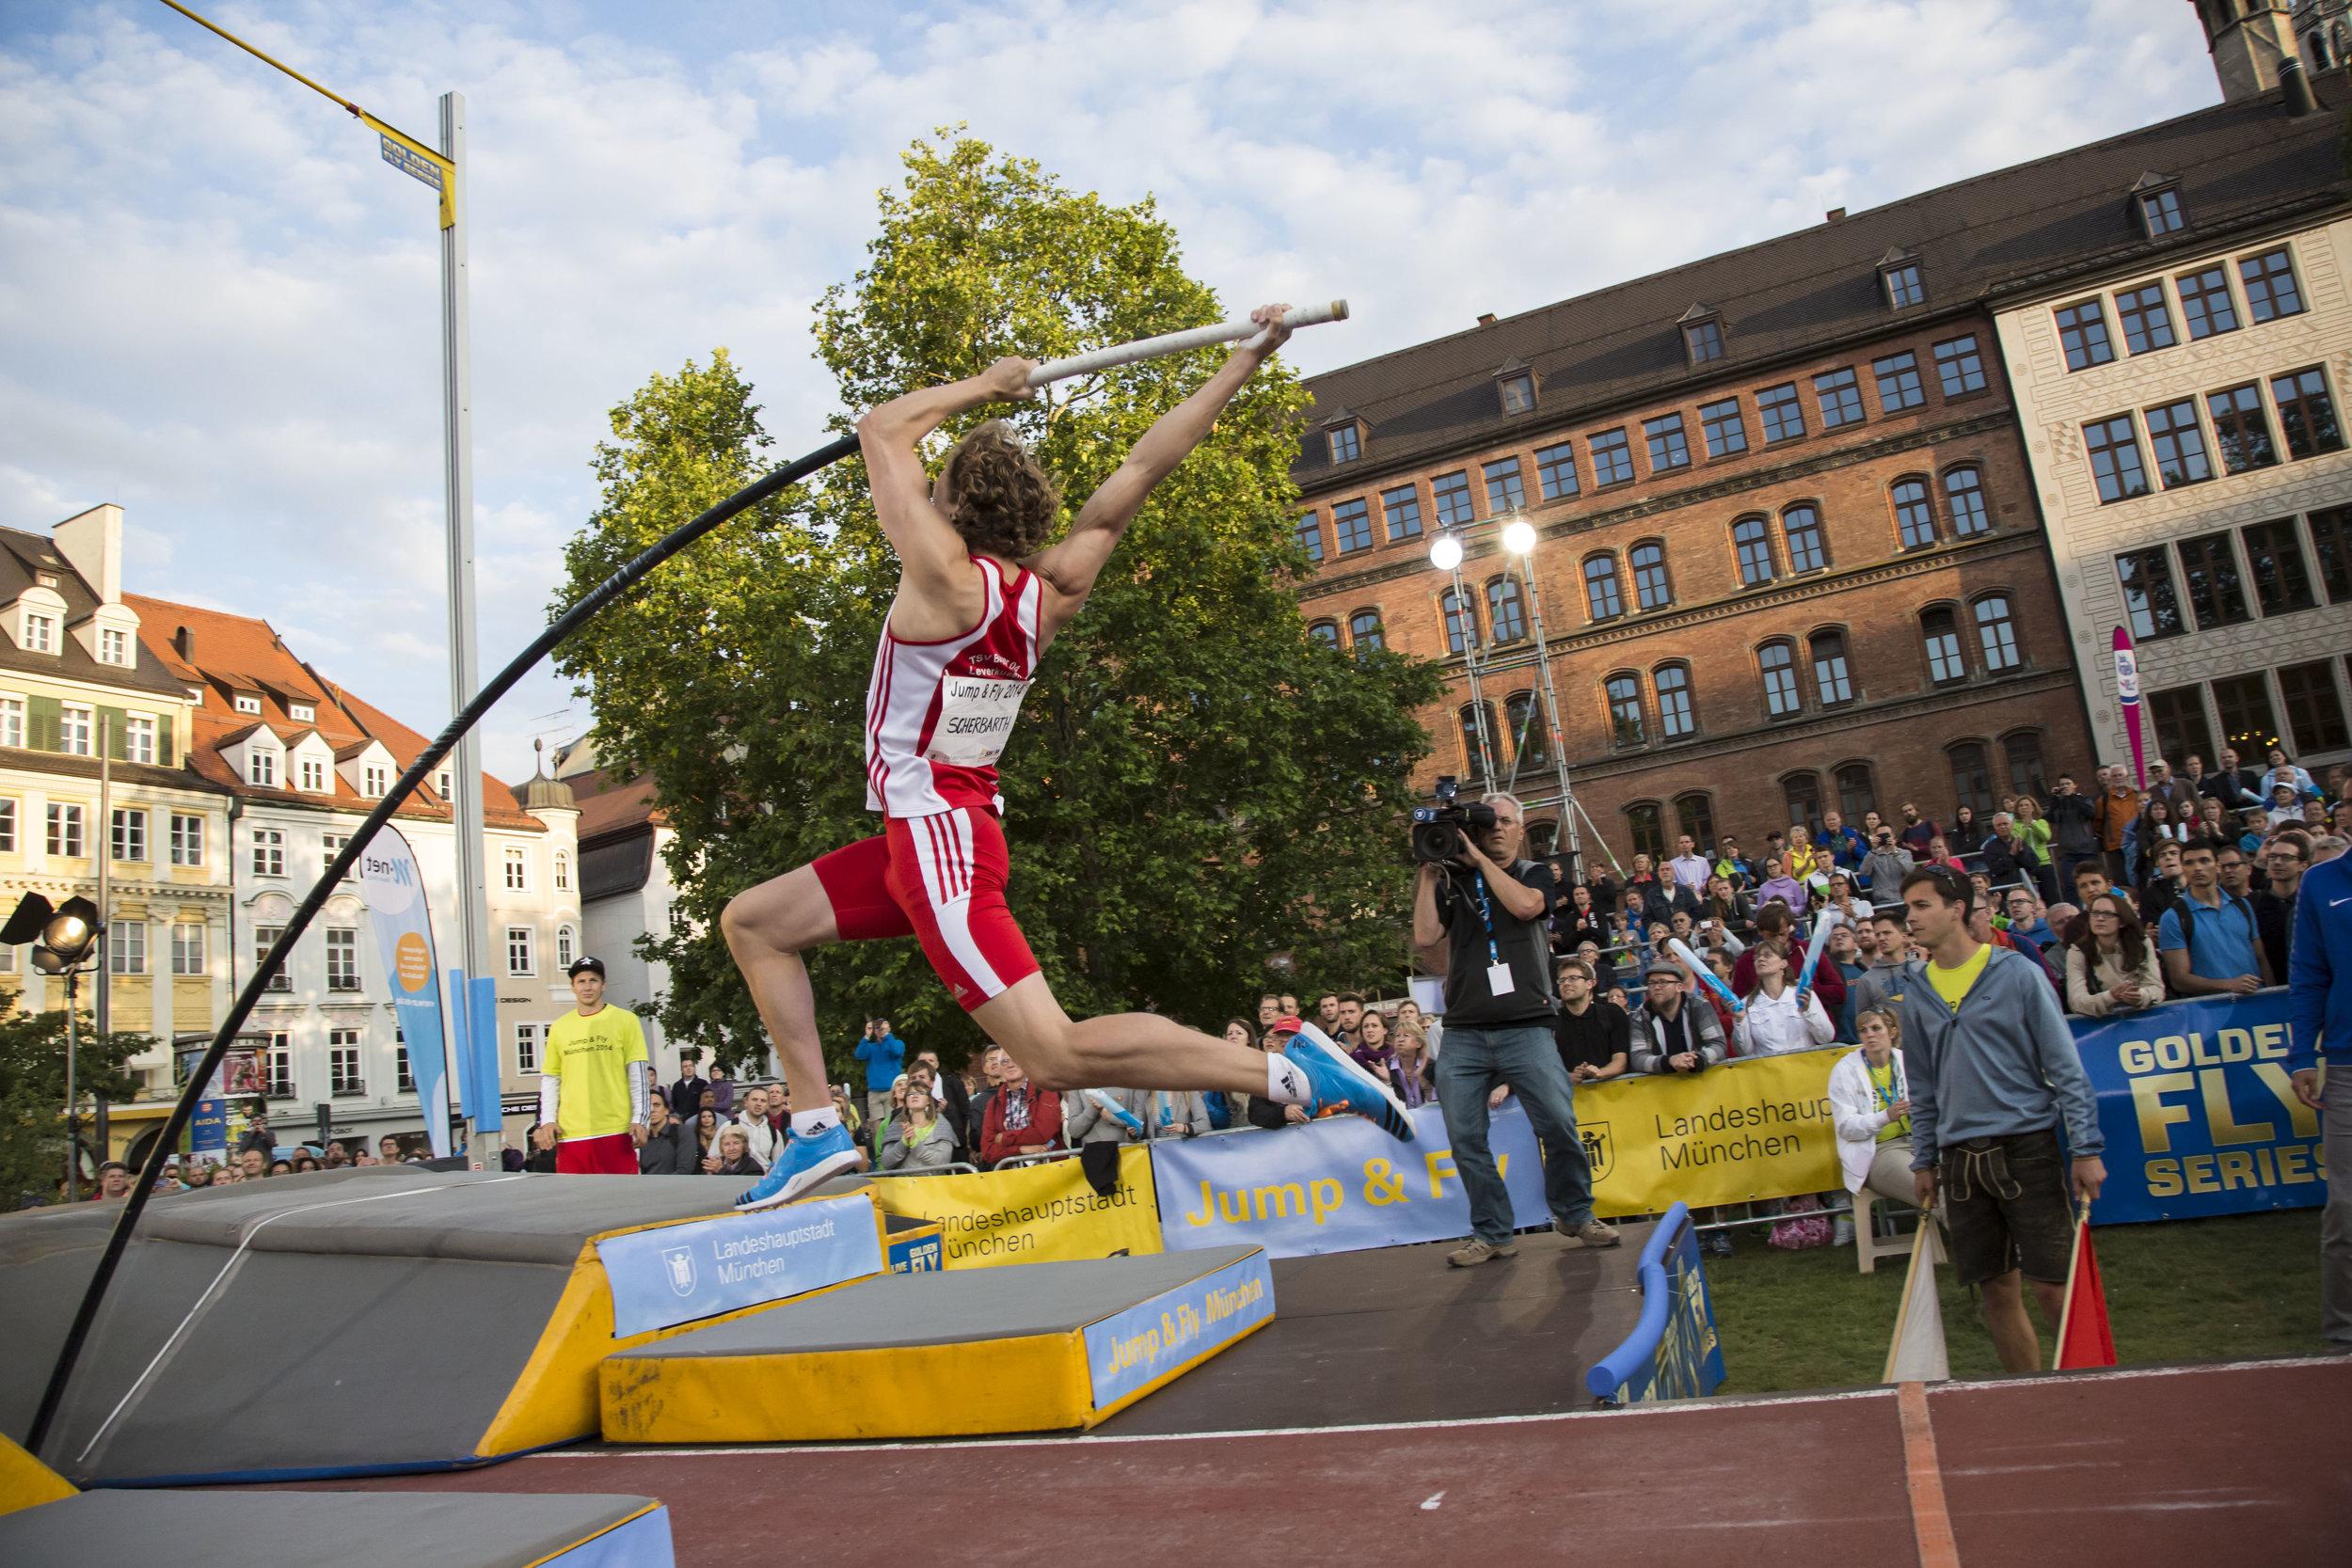 Jump_and_Fly_Munich_Scherbarth_by_Marcus_Buck.jpg